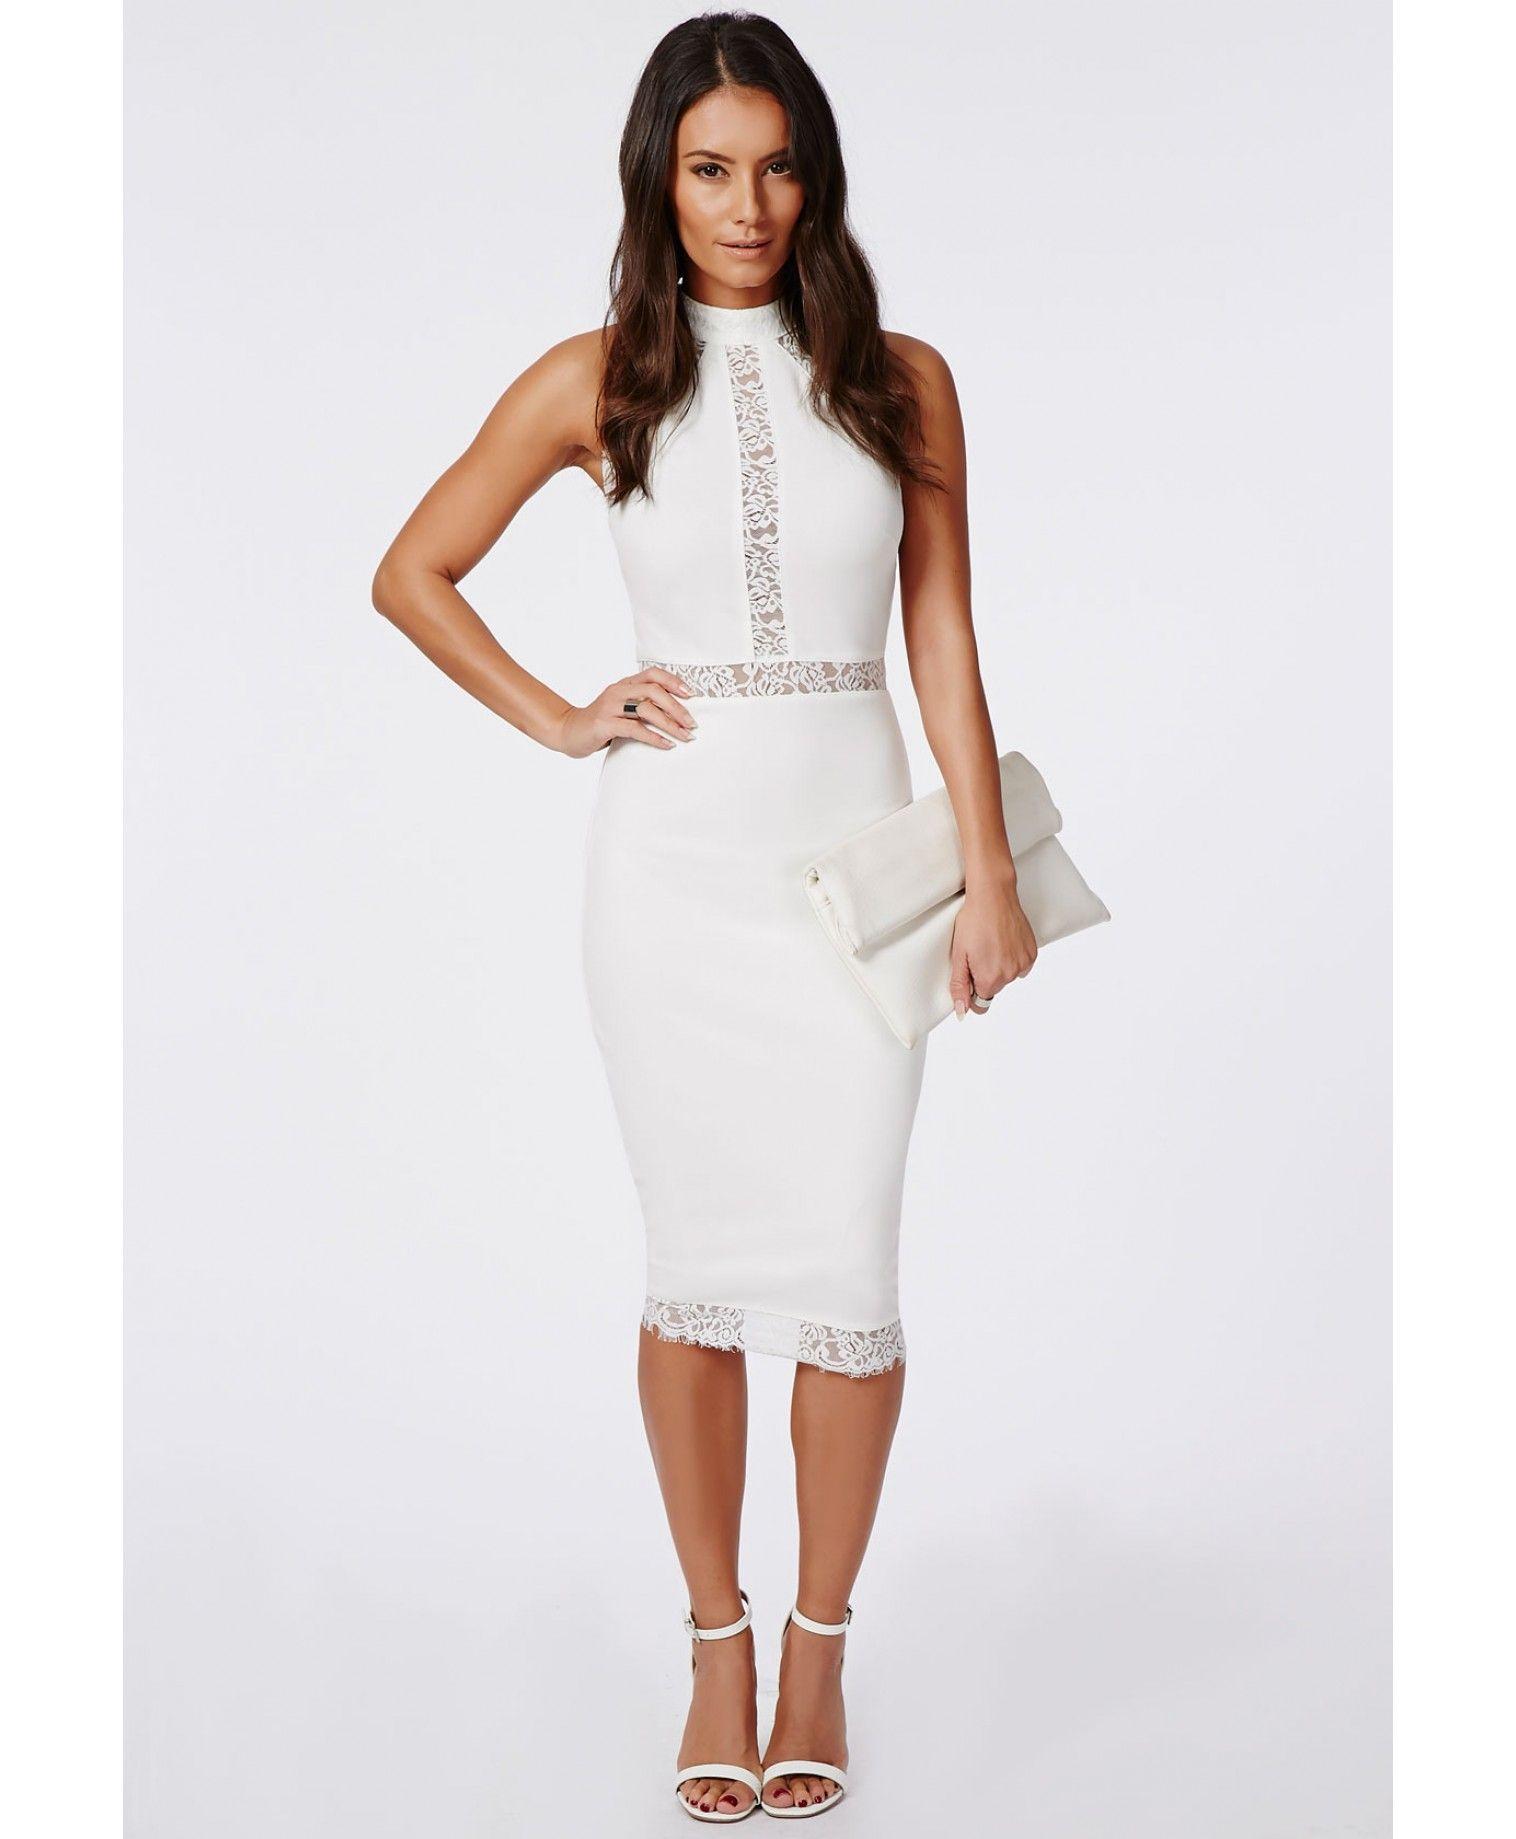 Jay Lace Panel Midi Dress White - Dresses - Midi Dresses - Missguided